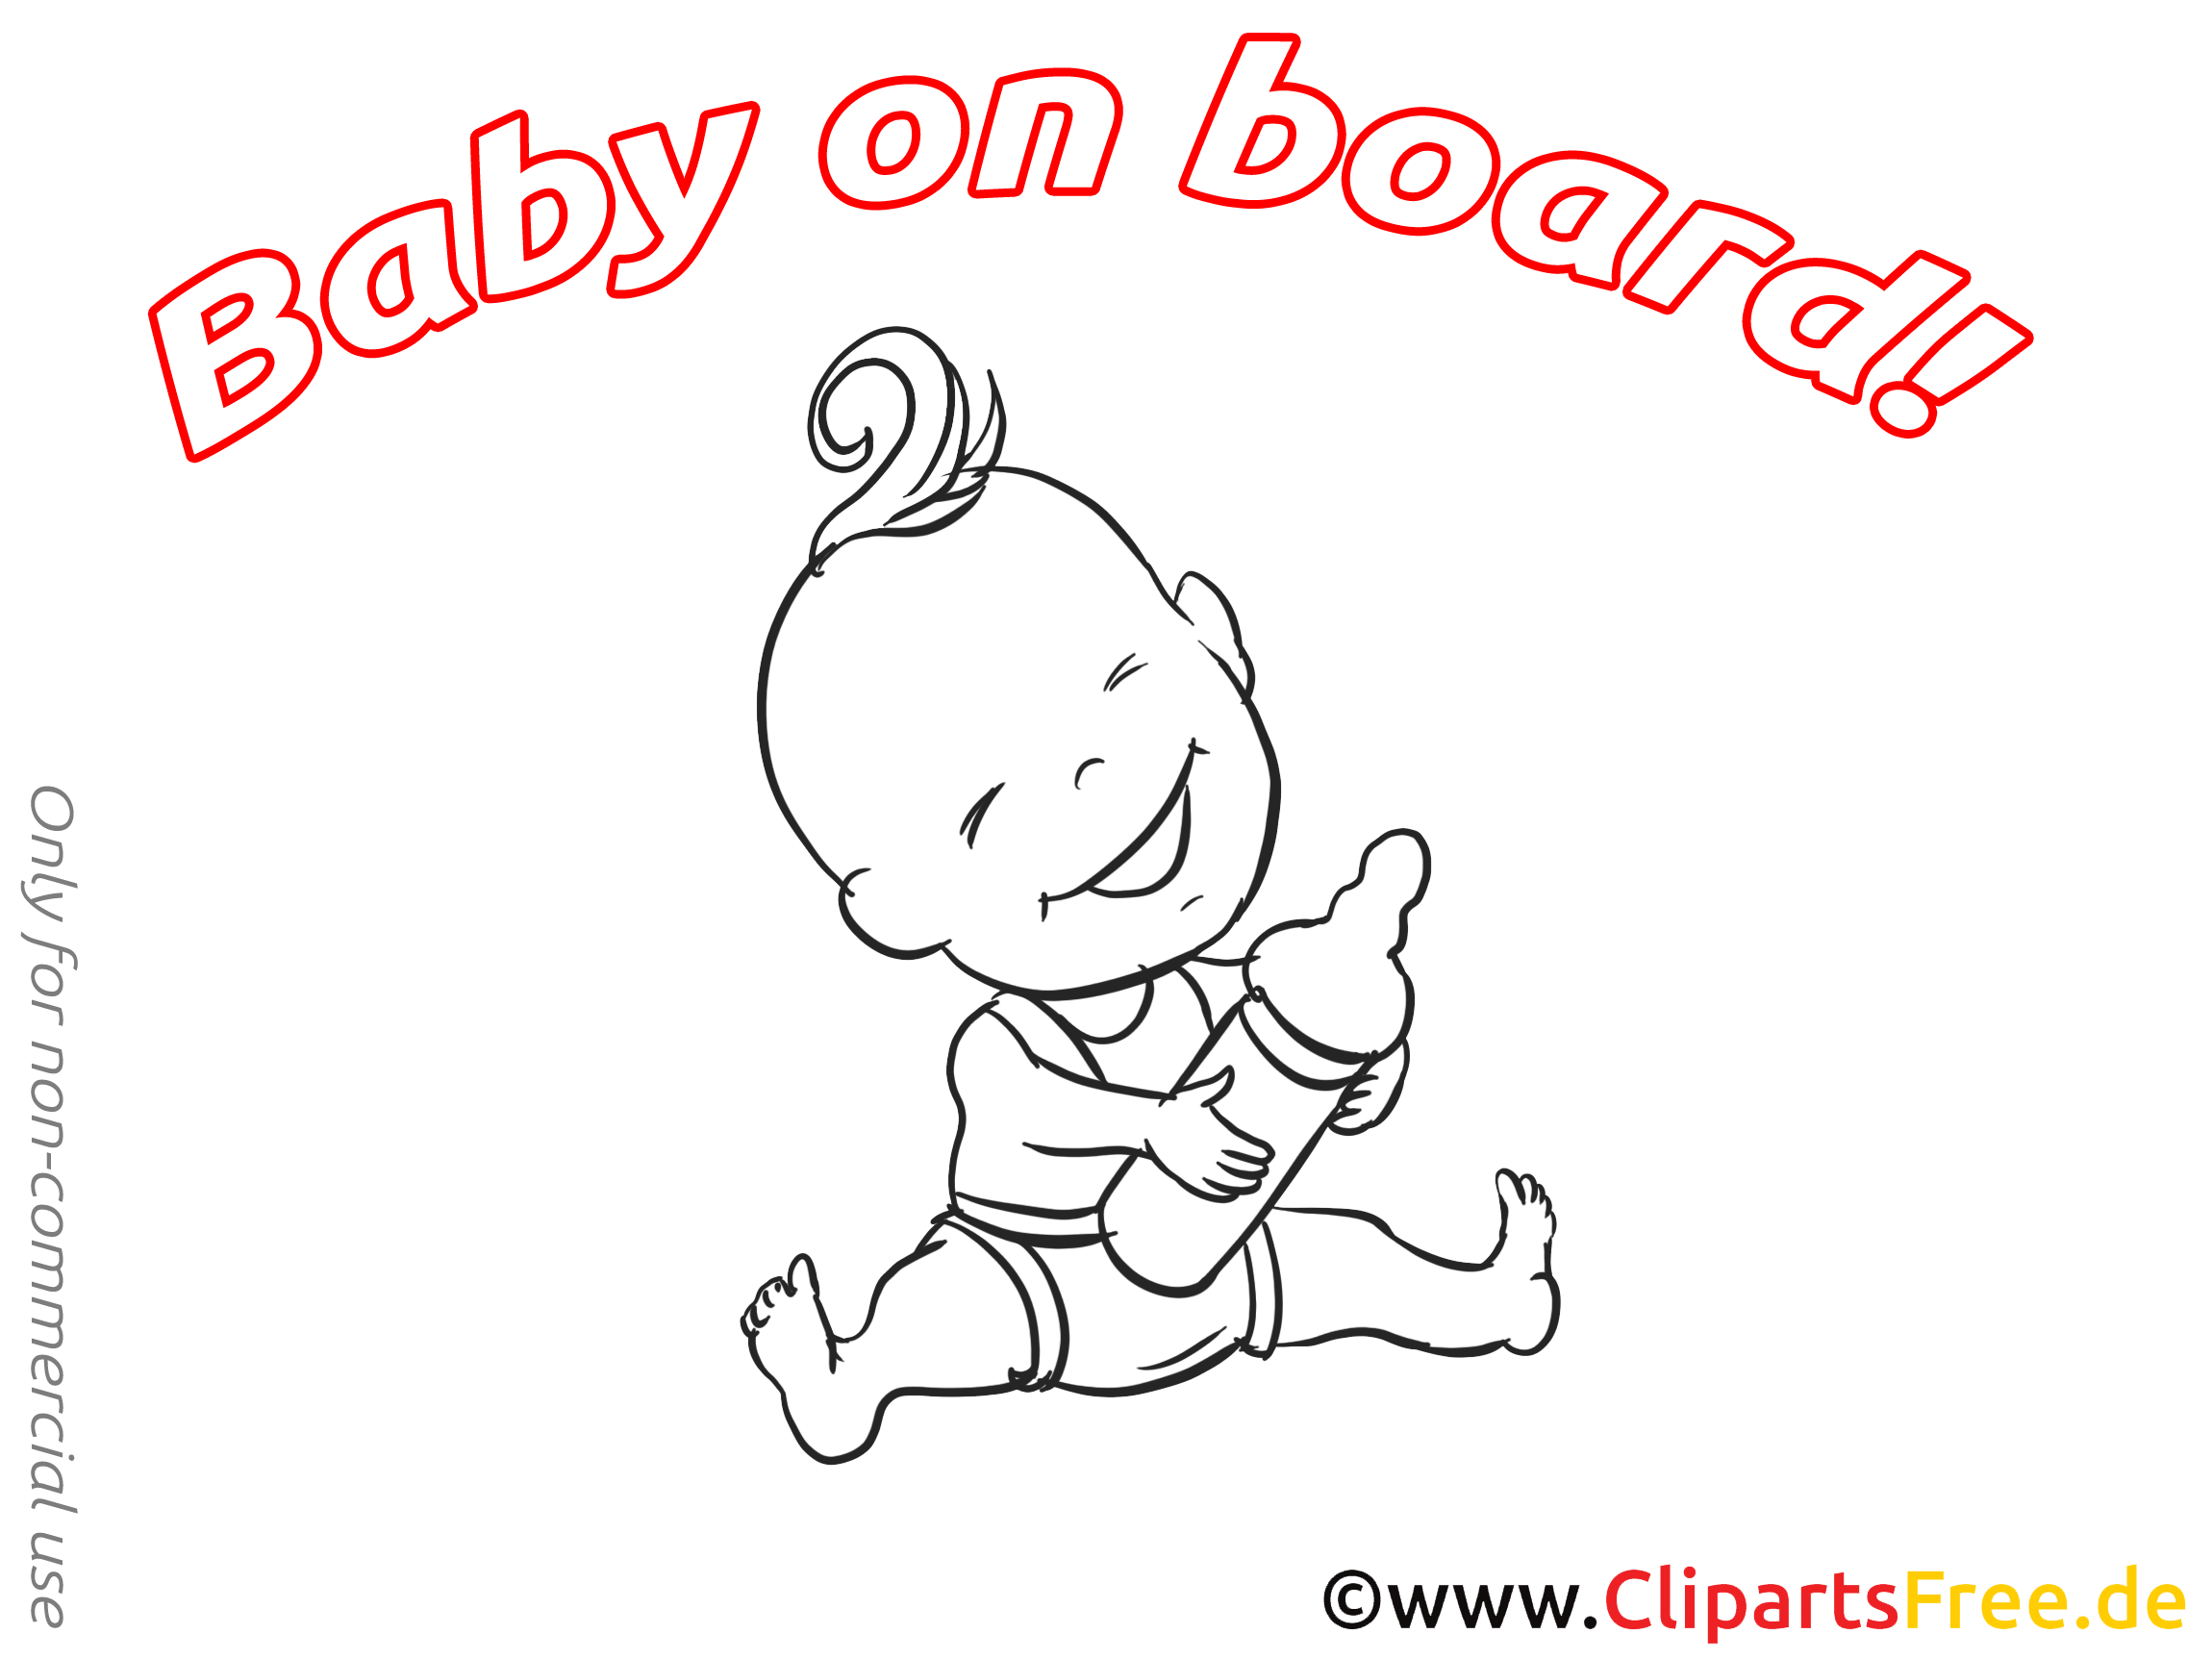 Biberon clip arts à imprimer – Bébé à bord illustrations